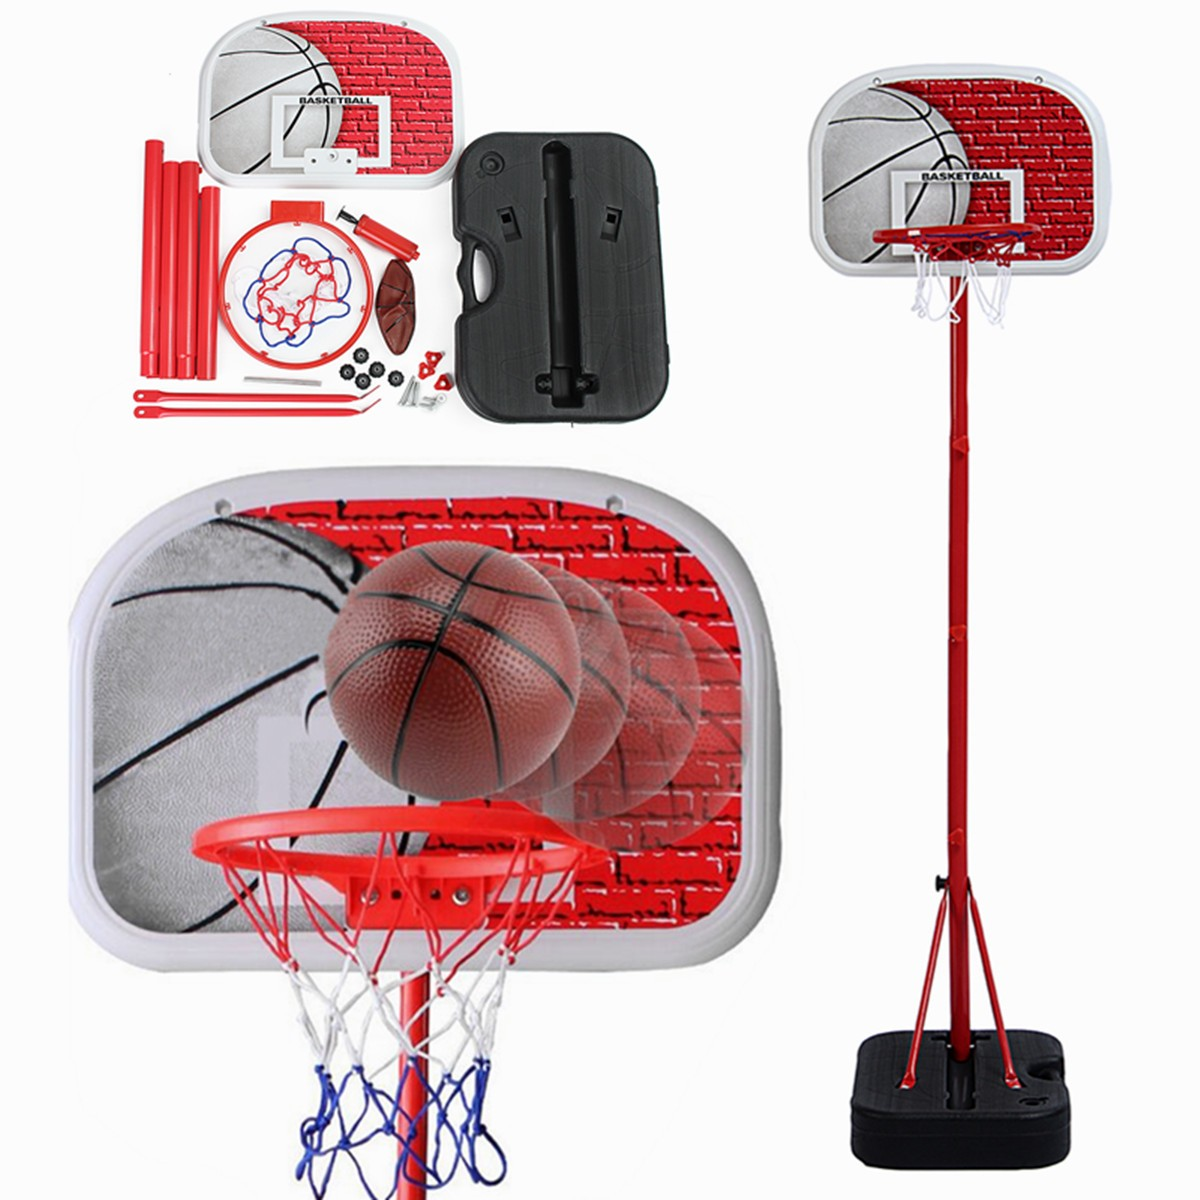 Adjustable Height Junior Kids Basketball Stand Backboard Ball Pump Goal Net Ring Hoop Set Children Outdoor Indoor Game Toy